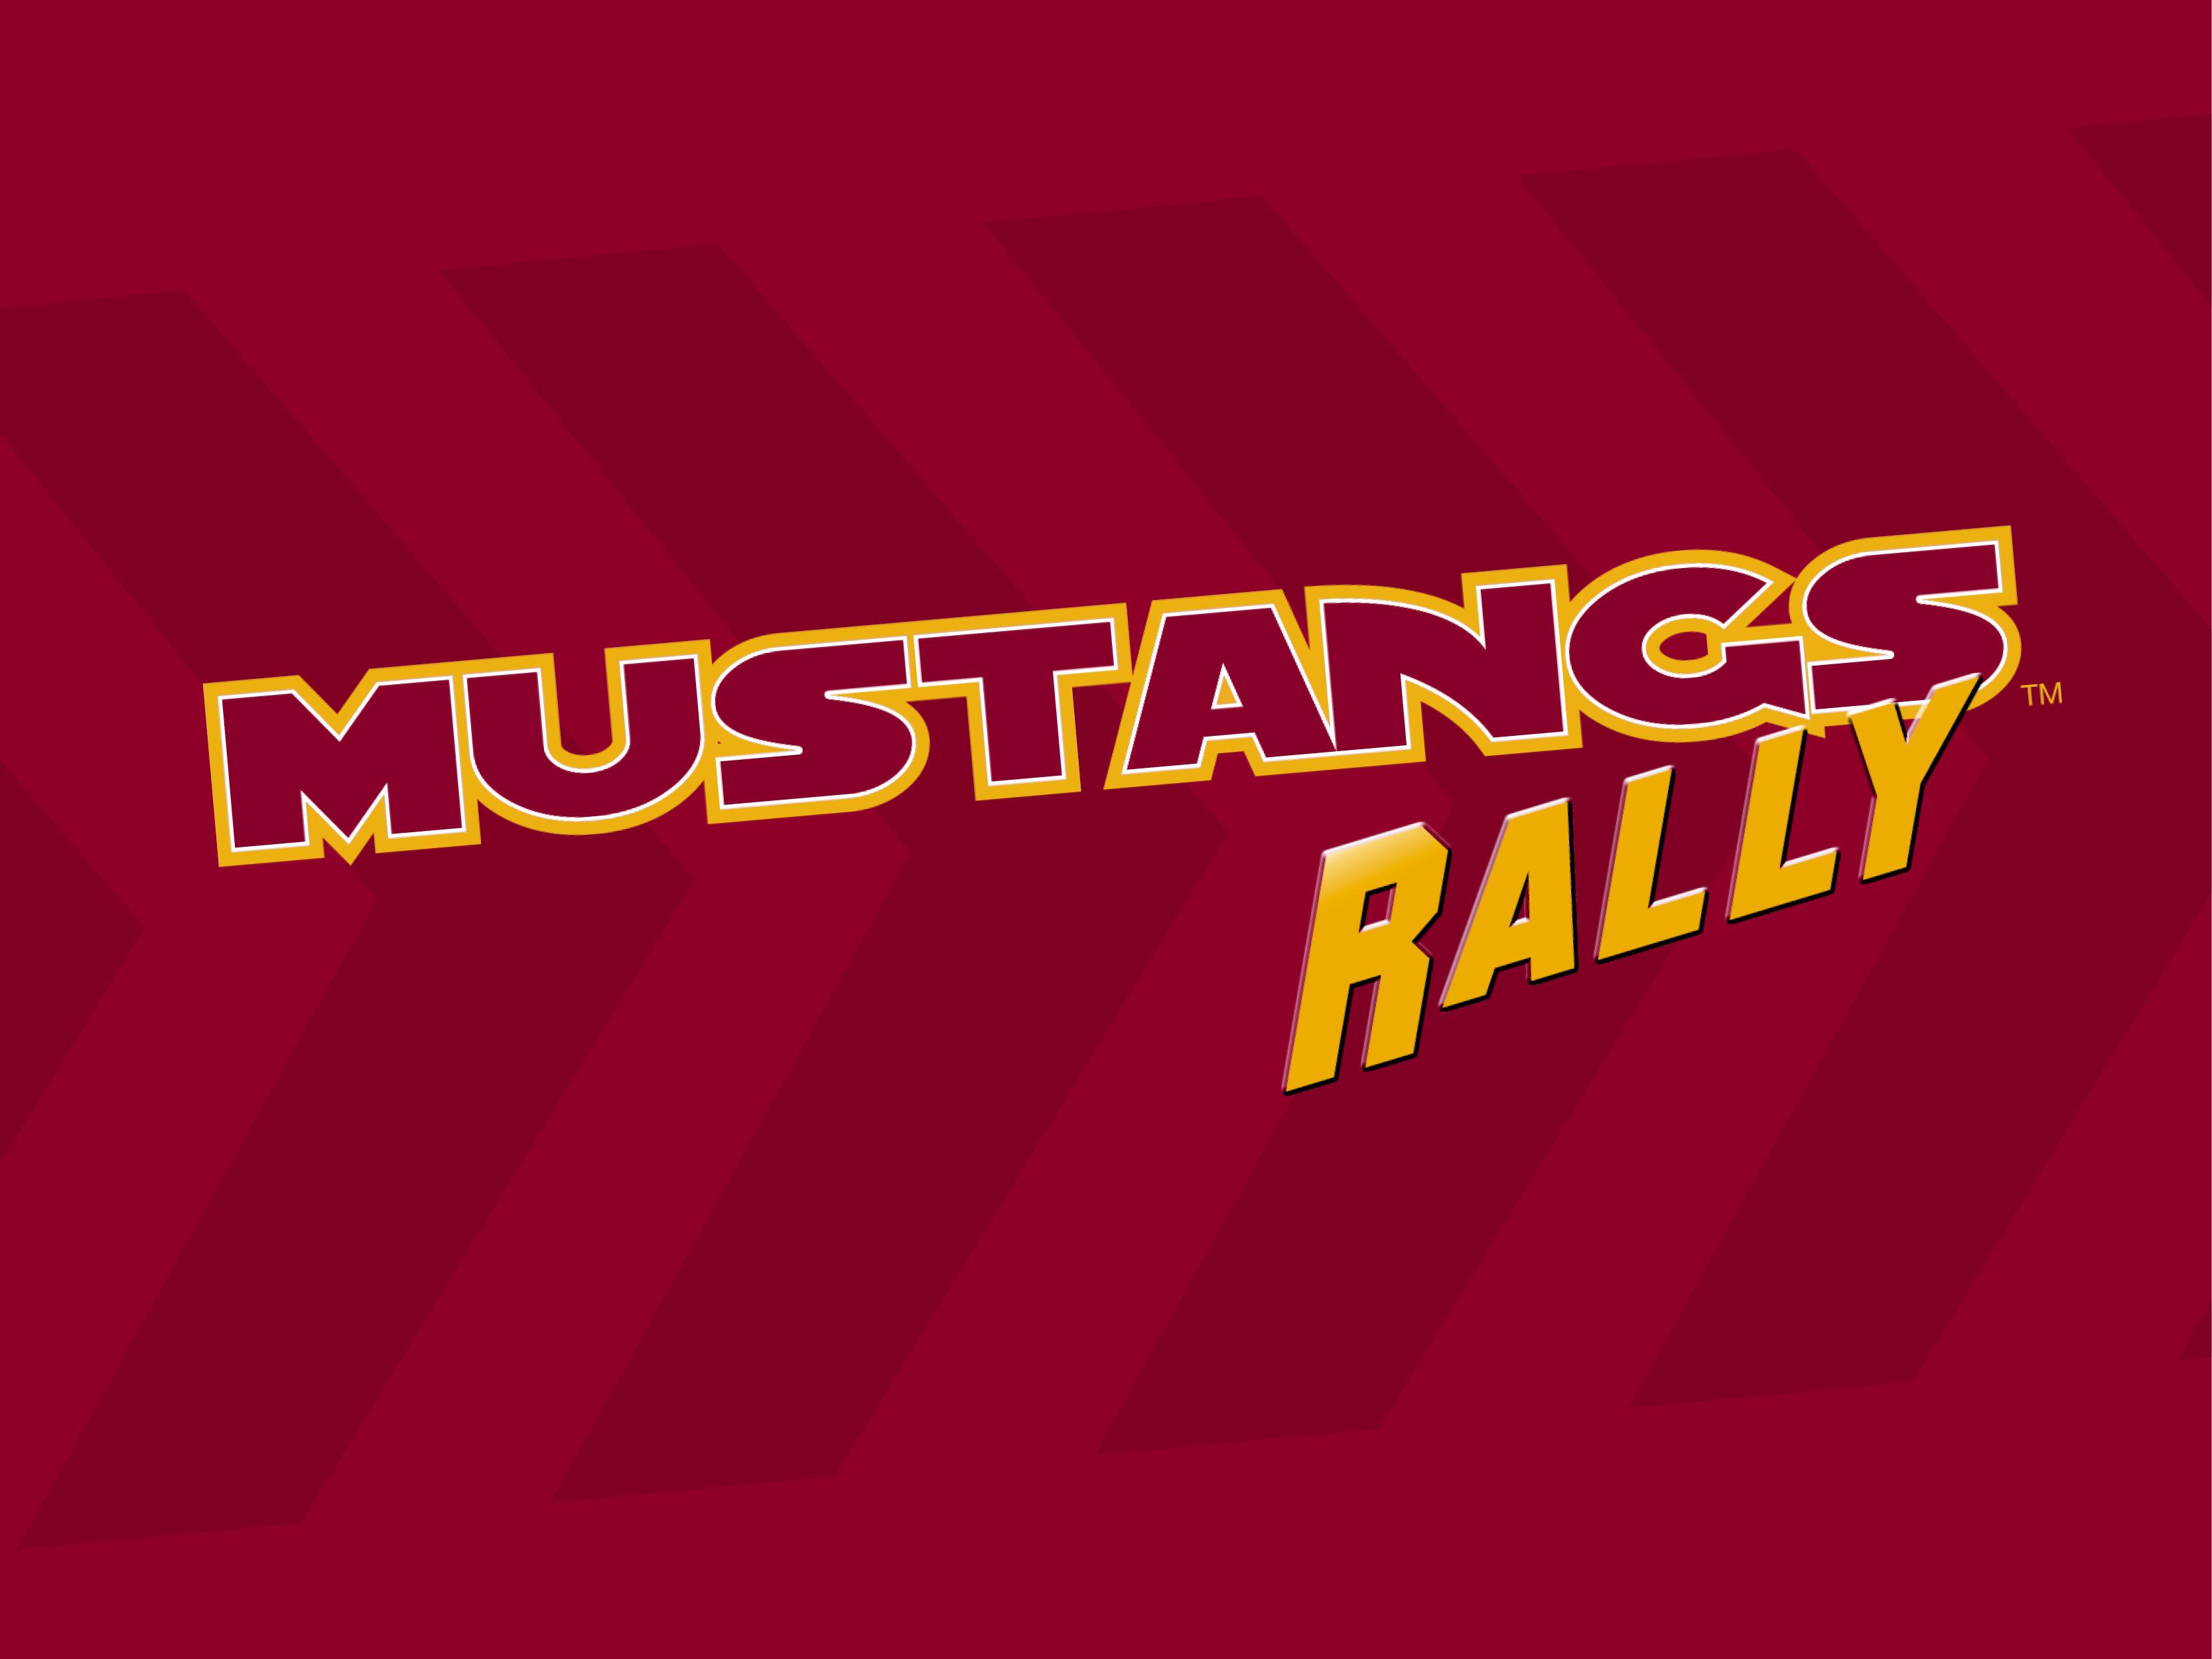 Mustangs Rally